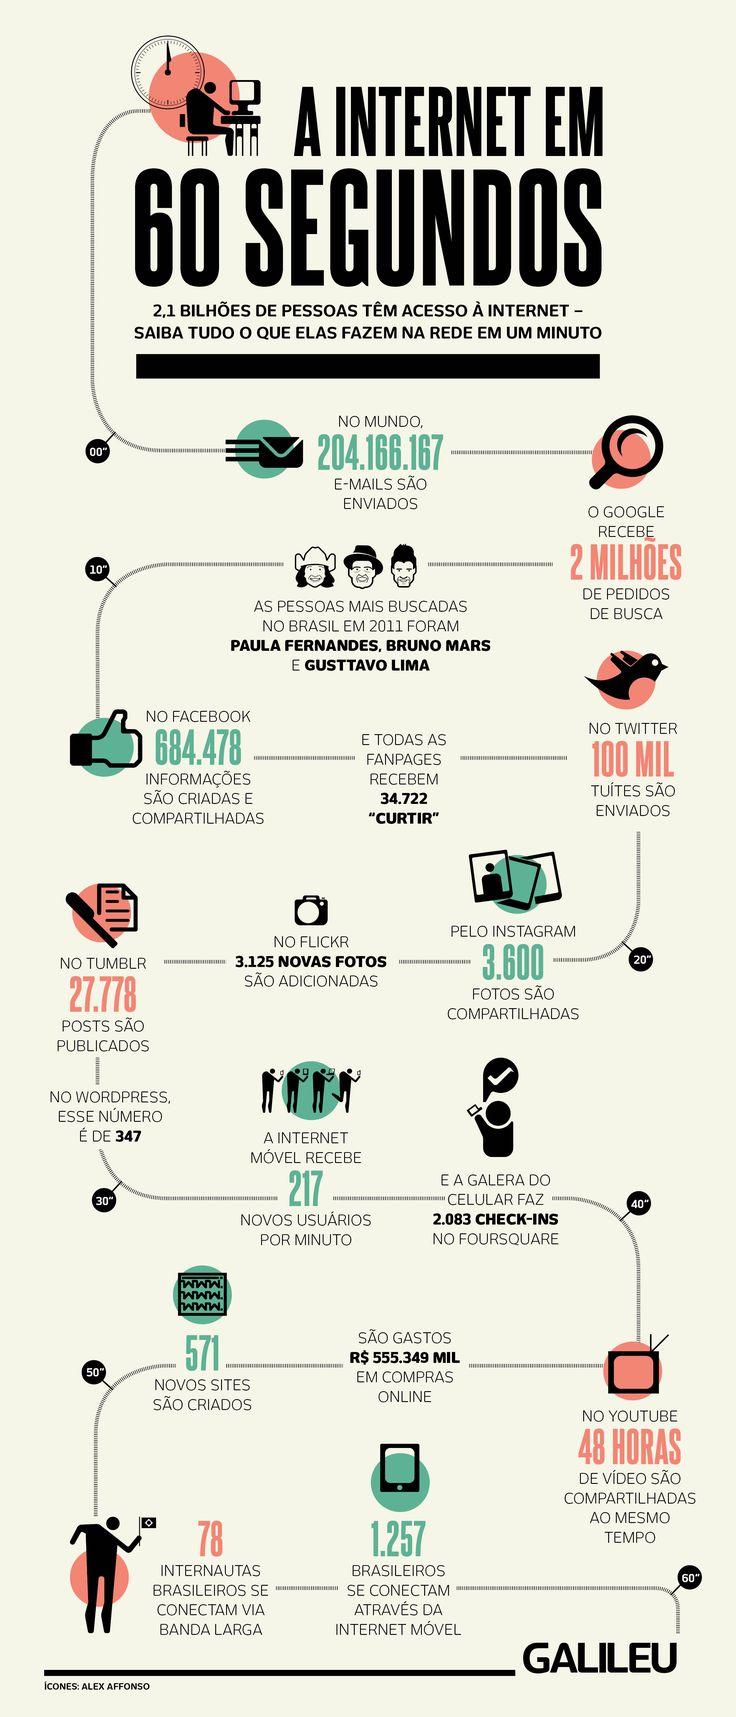 SocialMedia | Internet   Internet em 60 segundos